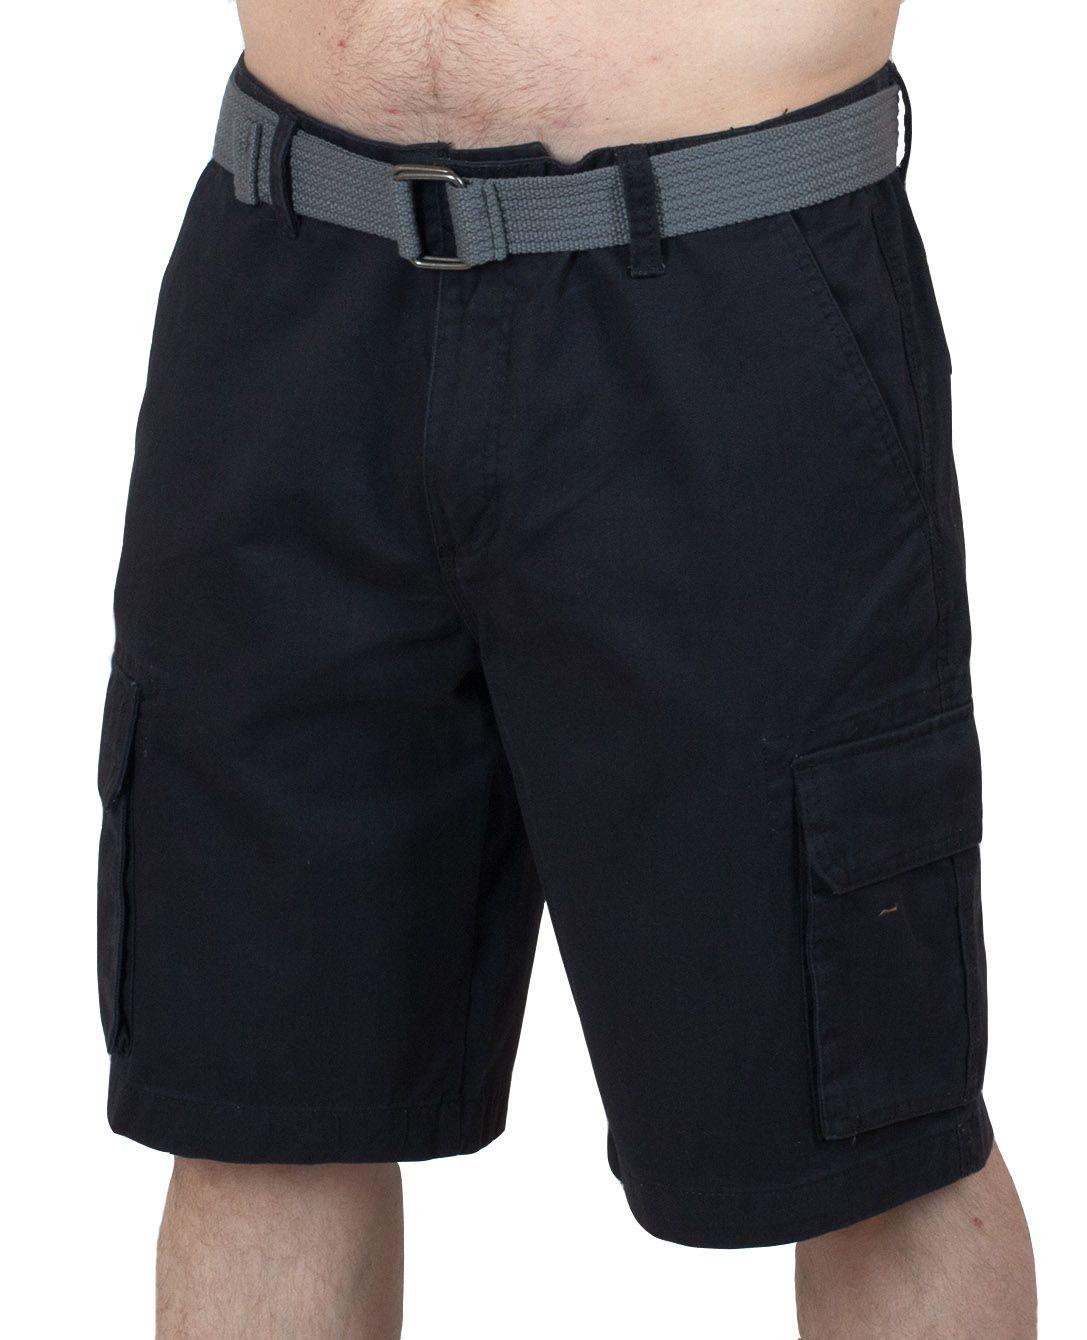 Эксклюзивные шорты карго Weatherproof - вид спереди